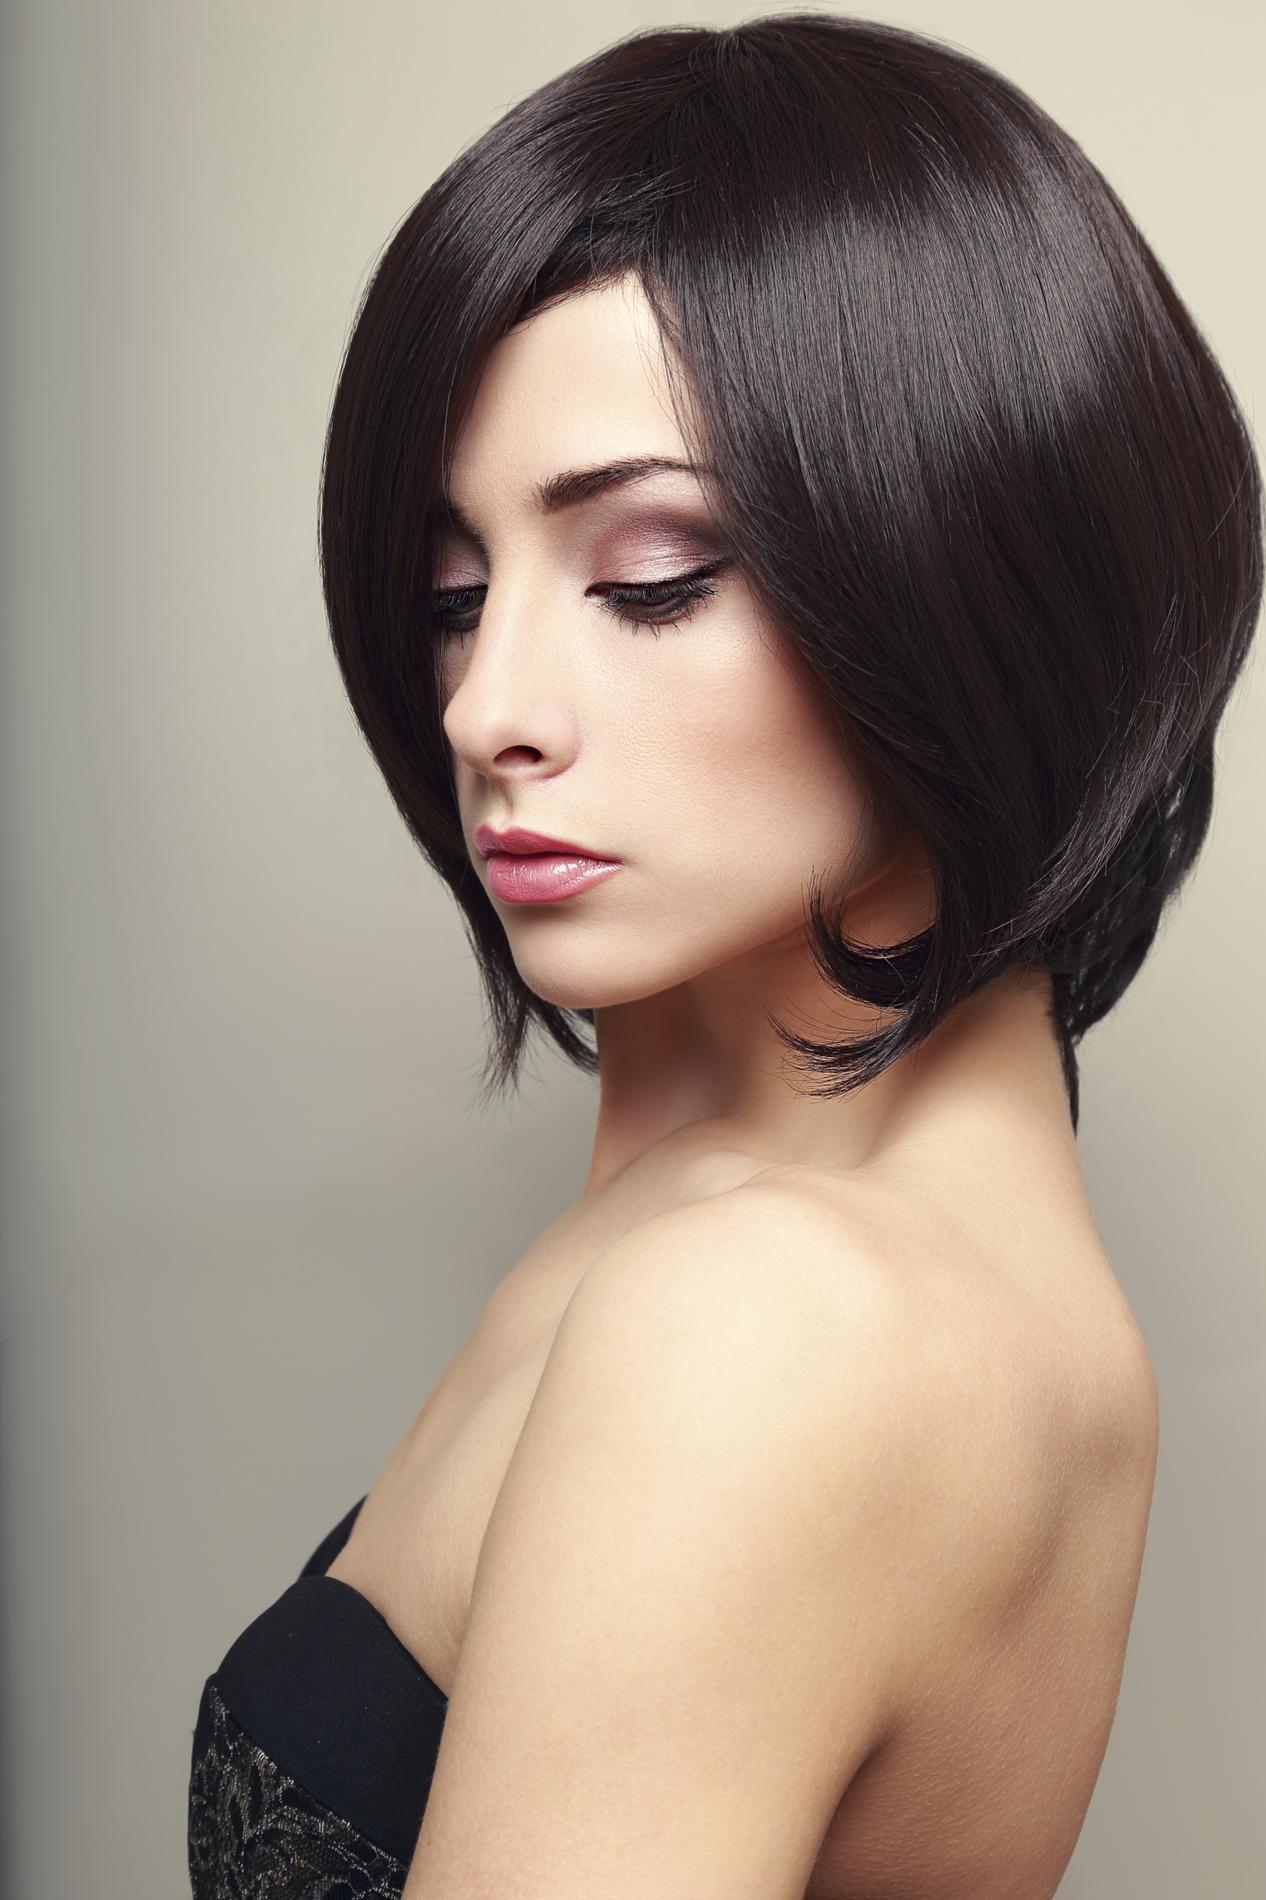 Cheveux Carre Court dedans comment réussir une coupe carrée chez soi ? - madame figaro